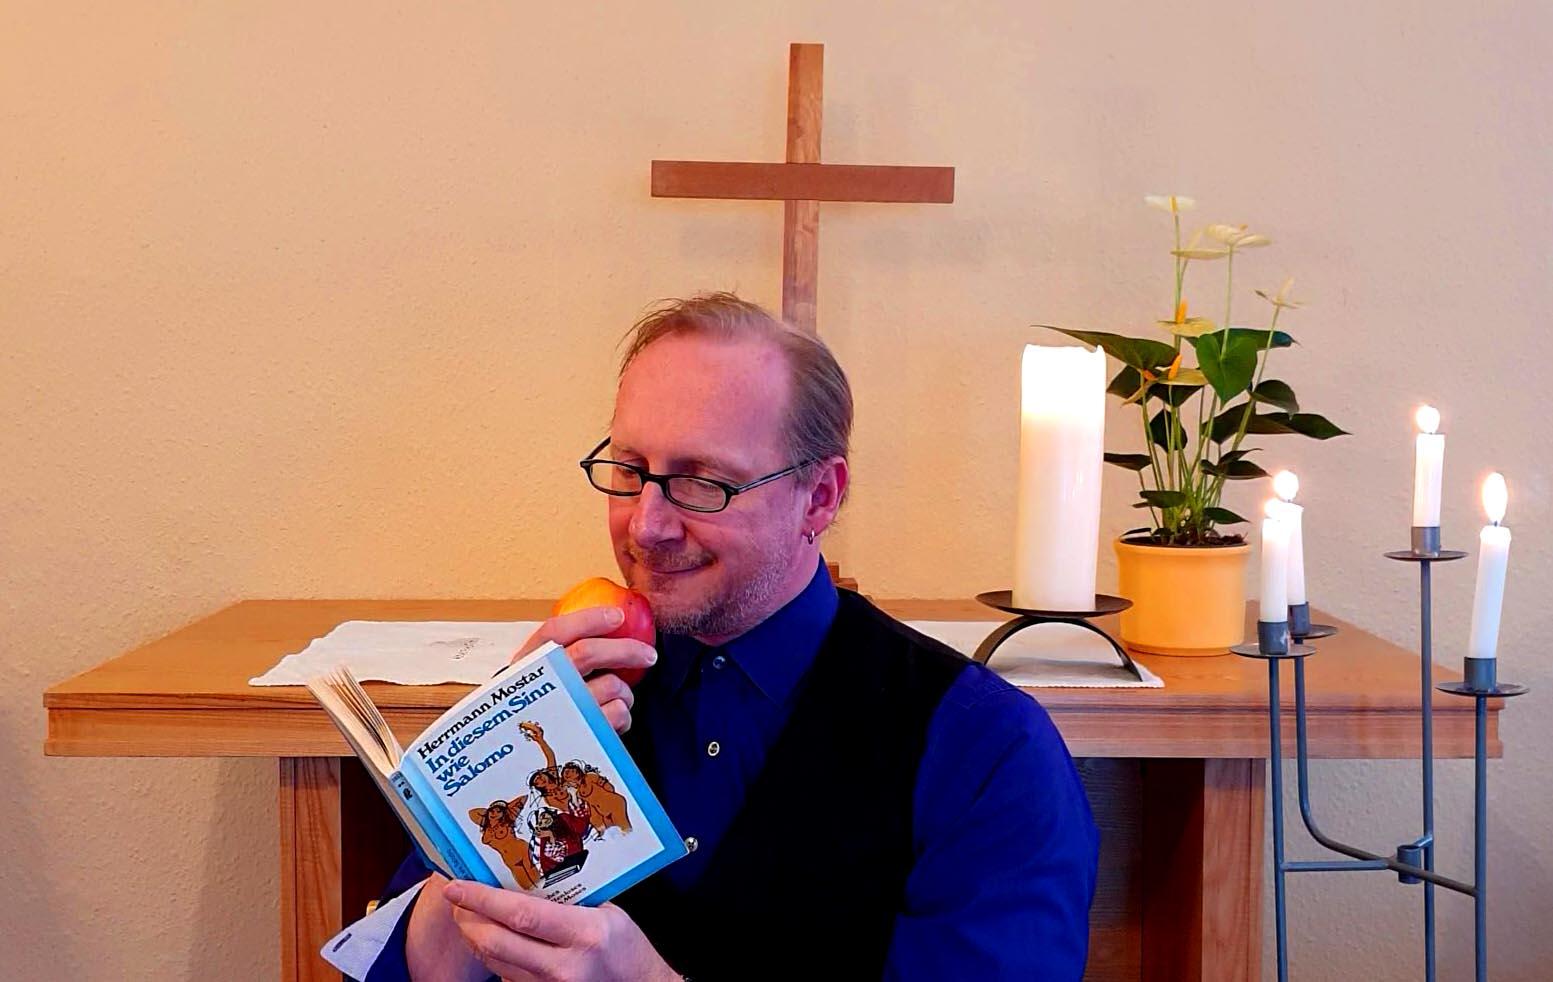 Erotische Bibelgeschichten zum Valentinstag-quer